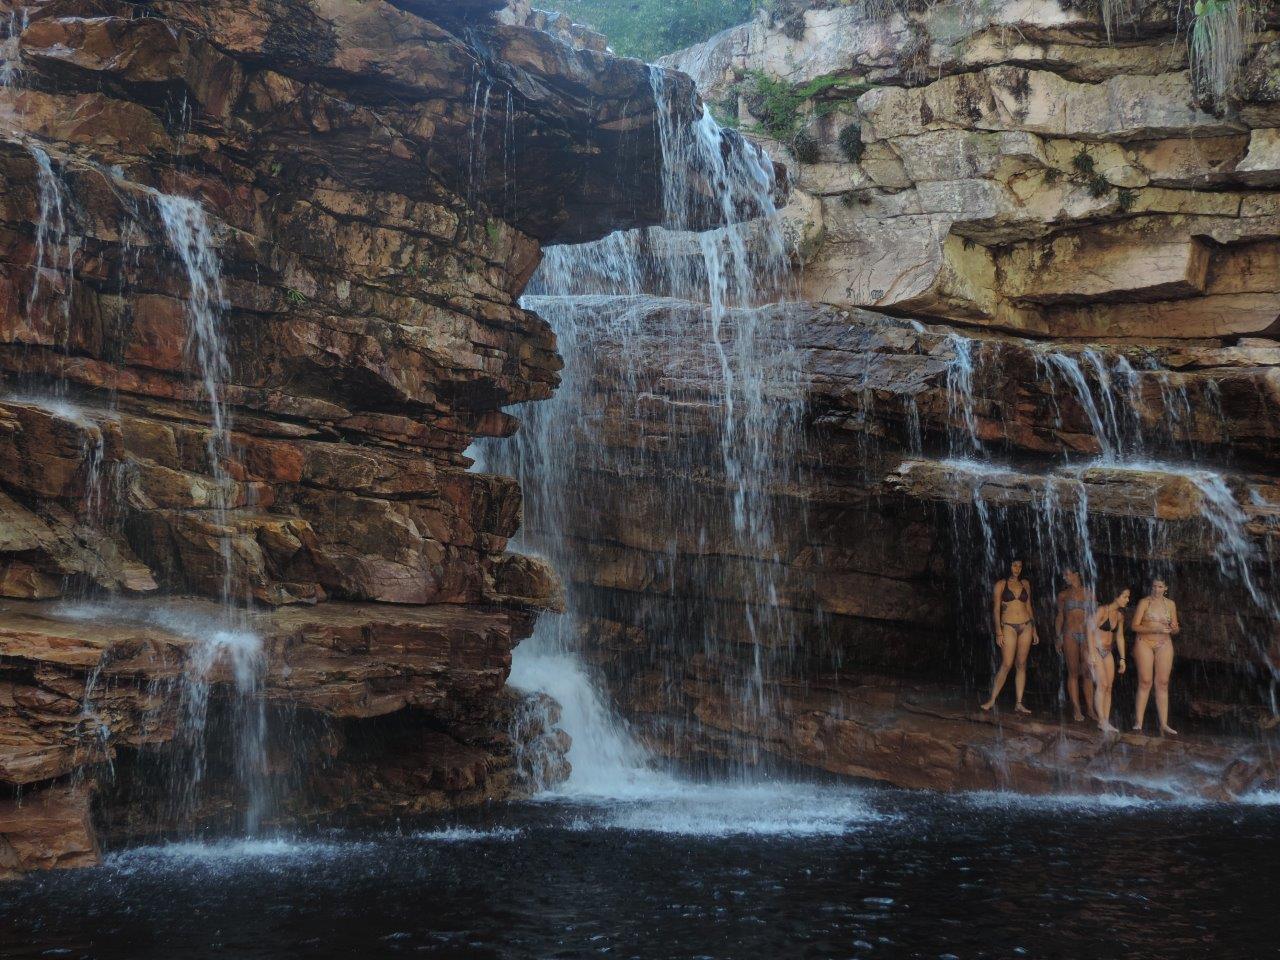 Poço do Diabo - Chapada Diamantina: conheça o melhor turismo de natureza do Brasil